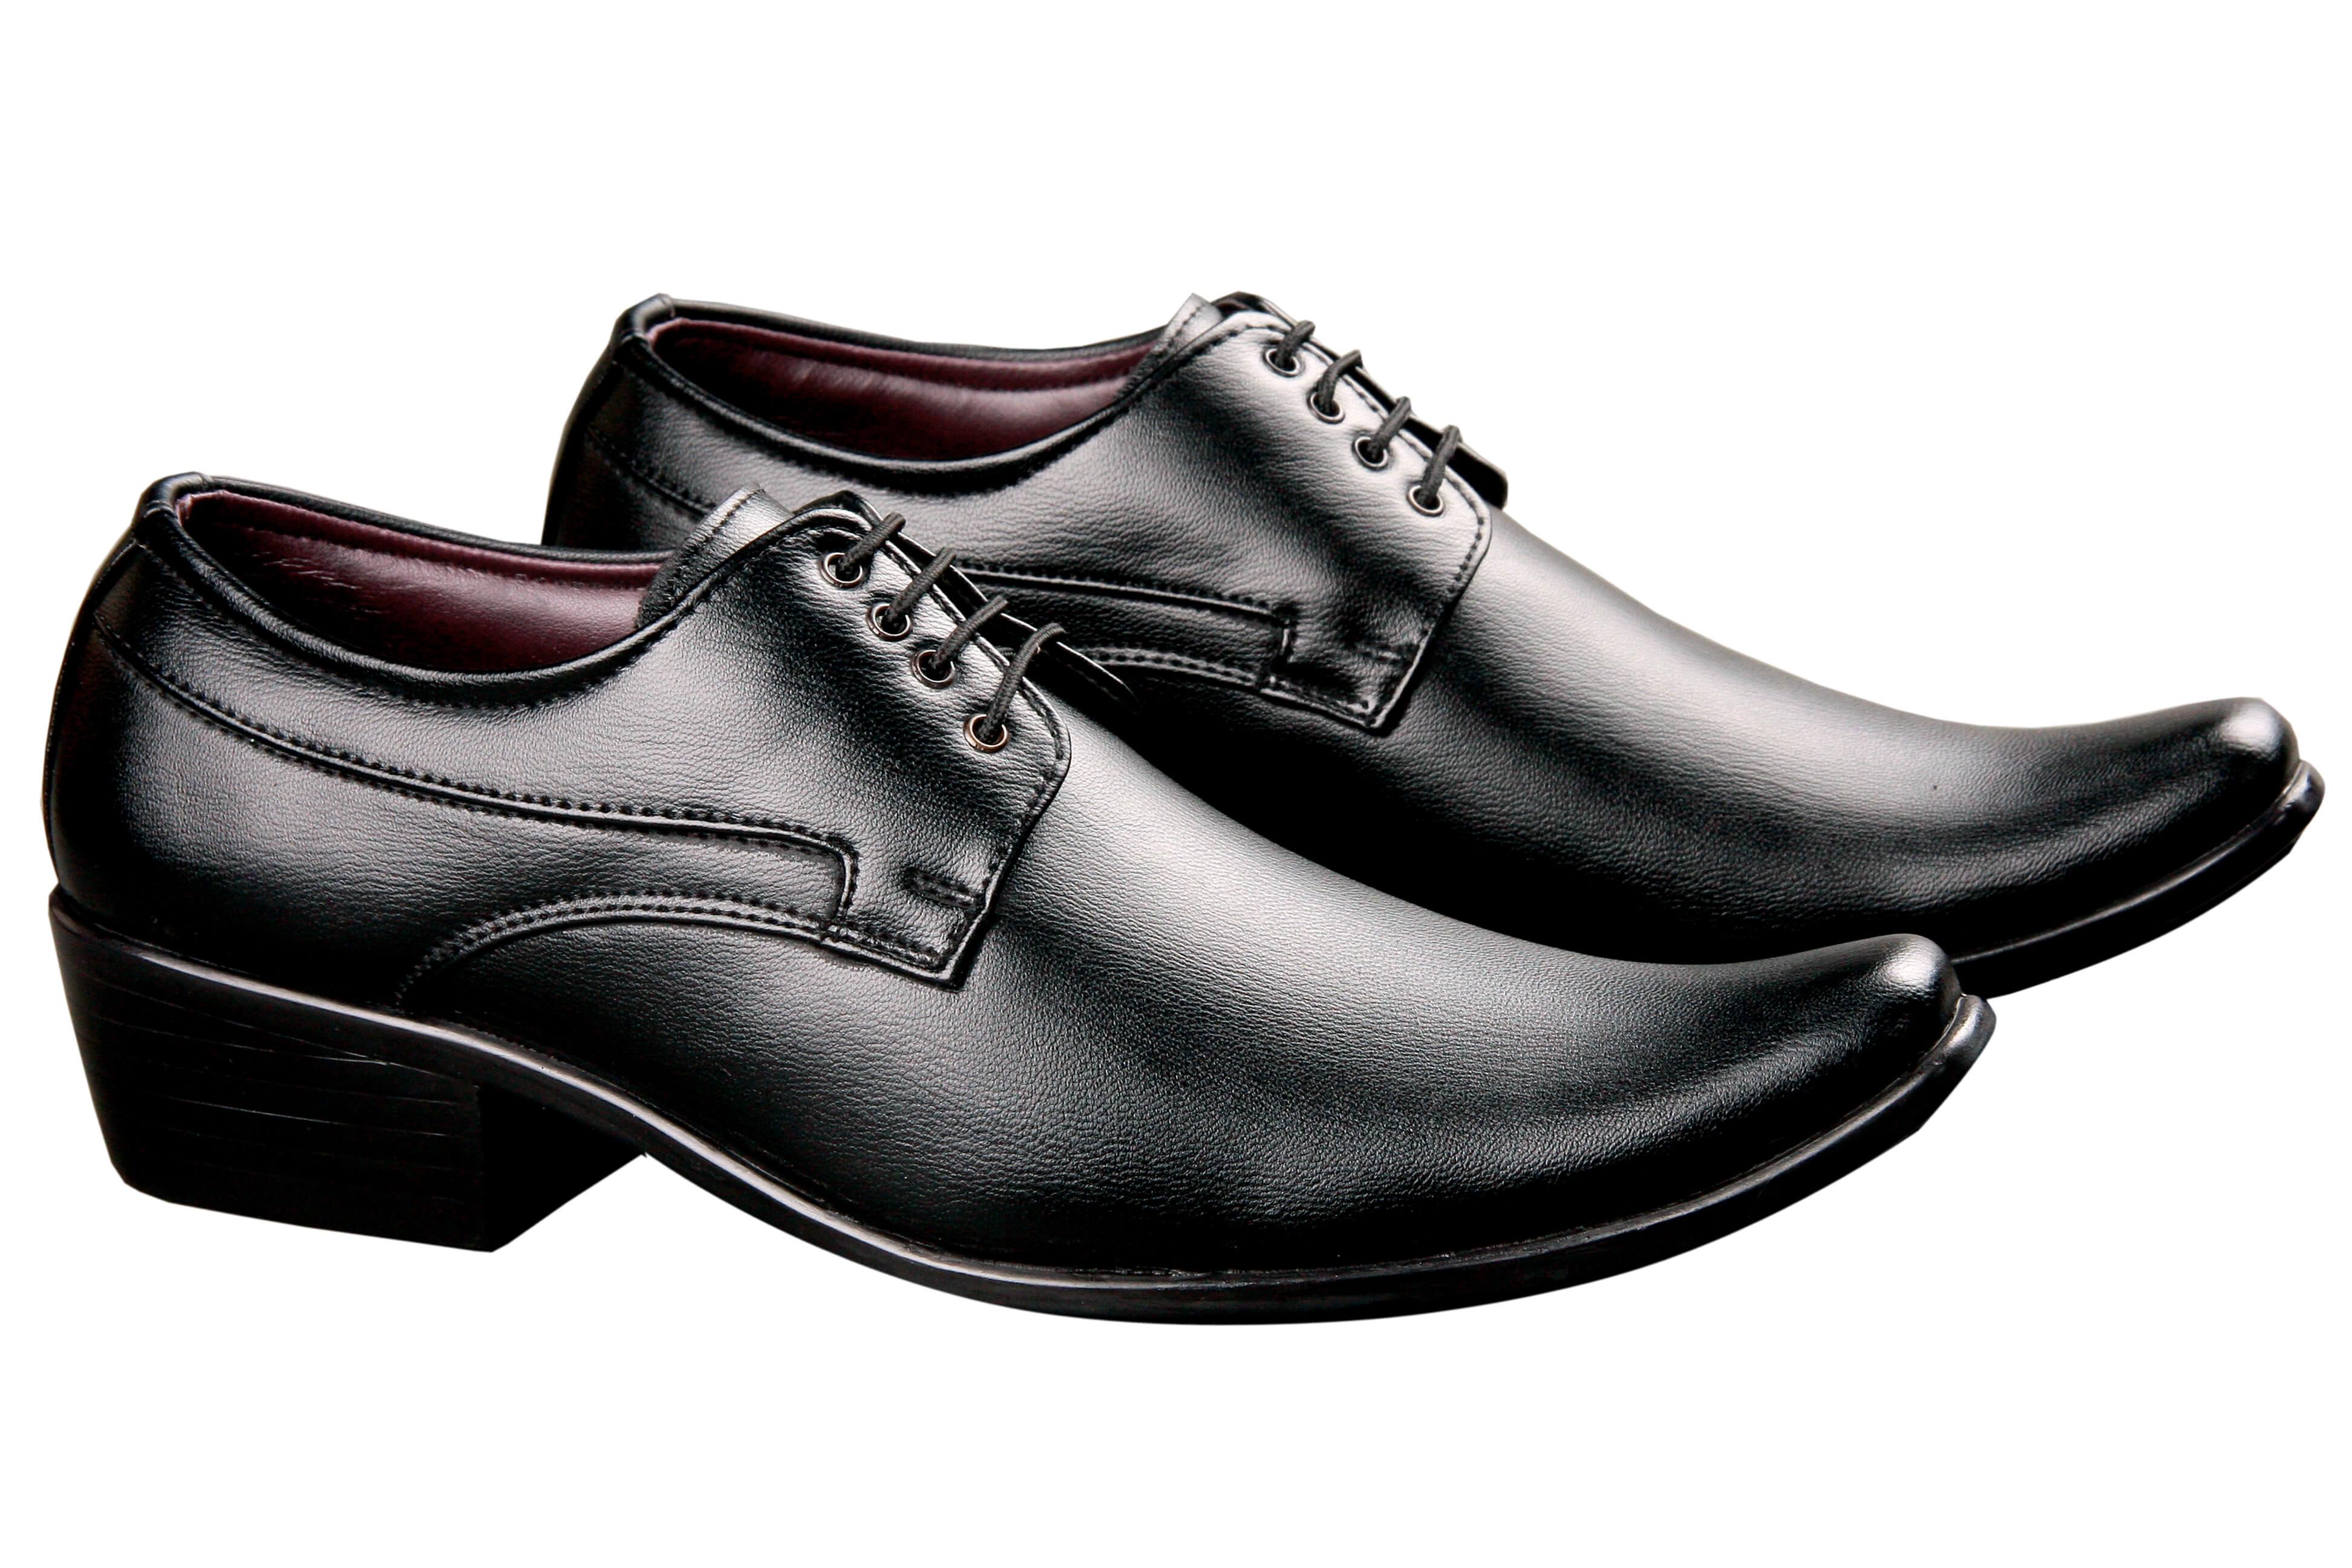 نگهداری و عوامل تاثیر گذاری بر خرابی مدل های کفش مردانه